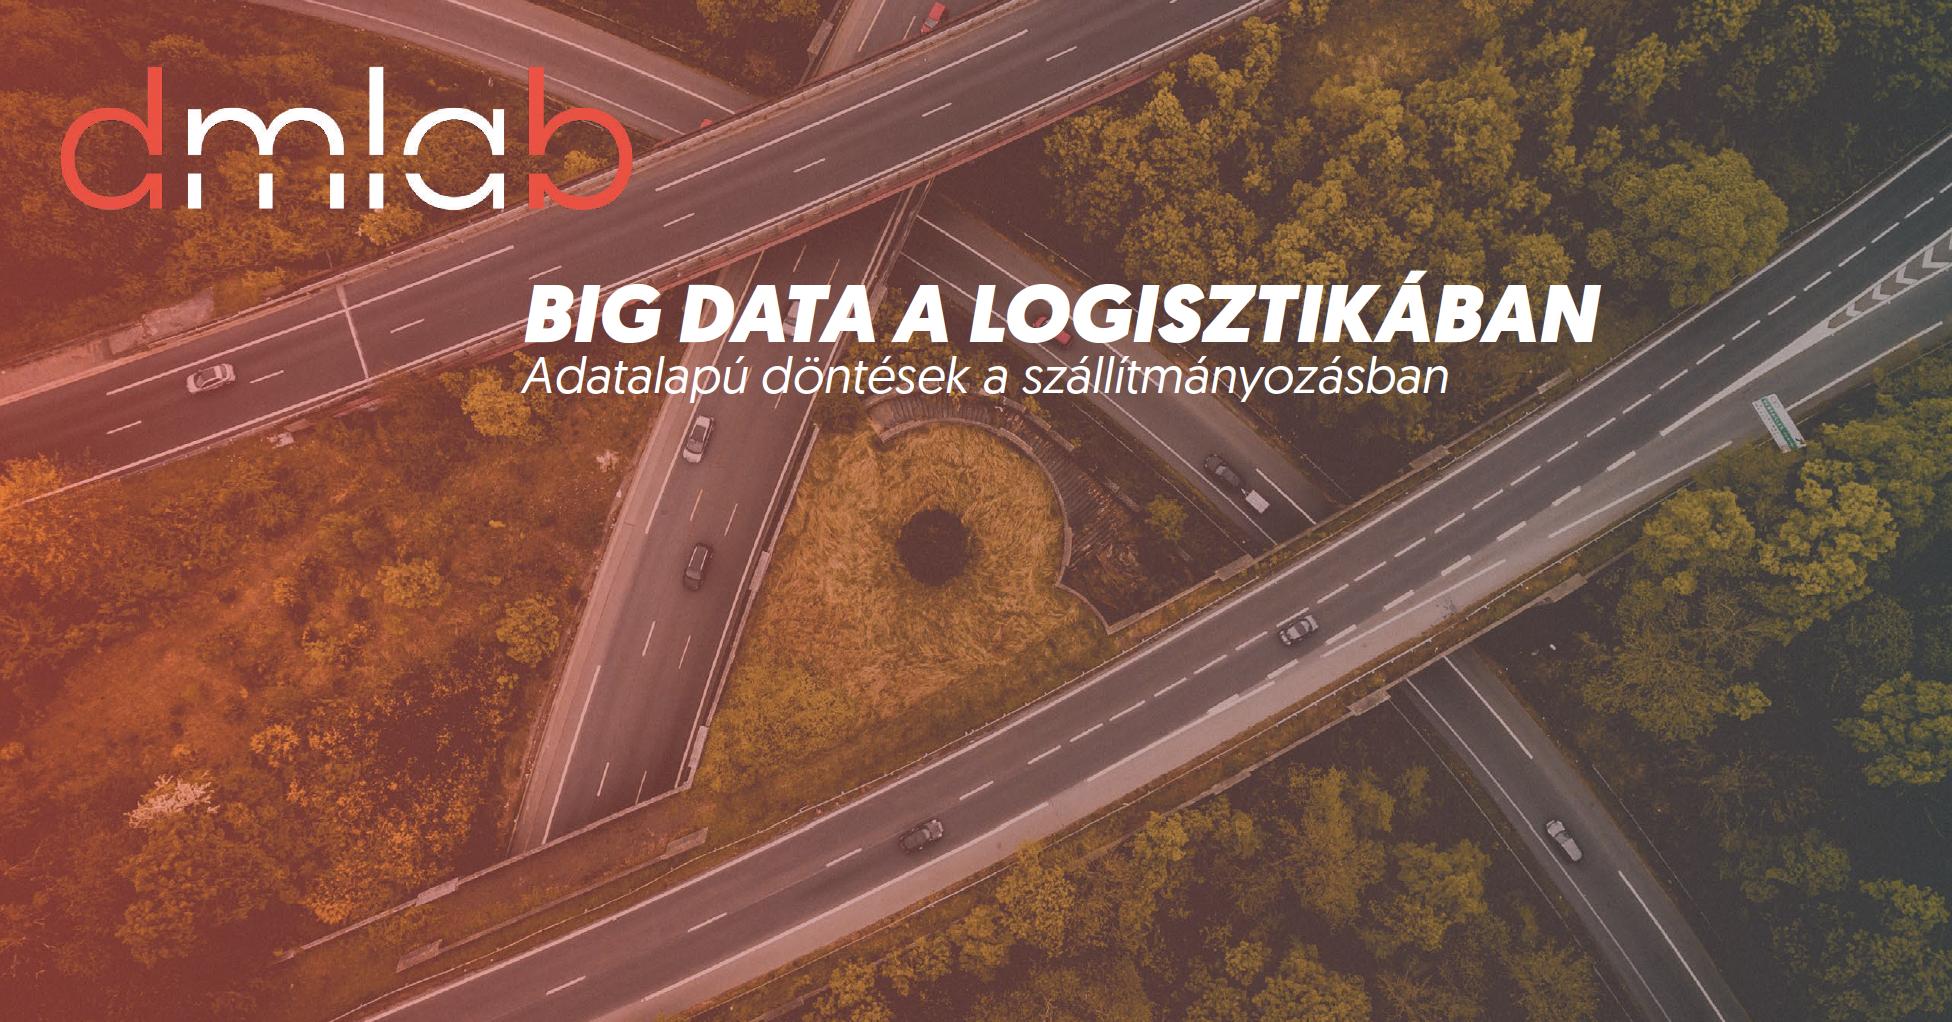 big_data_az_intralogisztika_ban.png